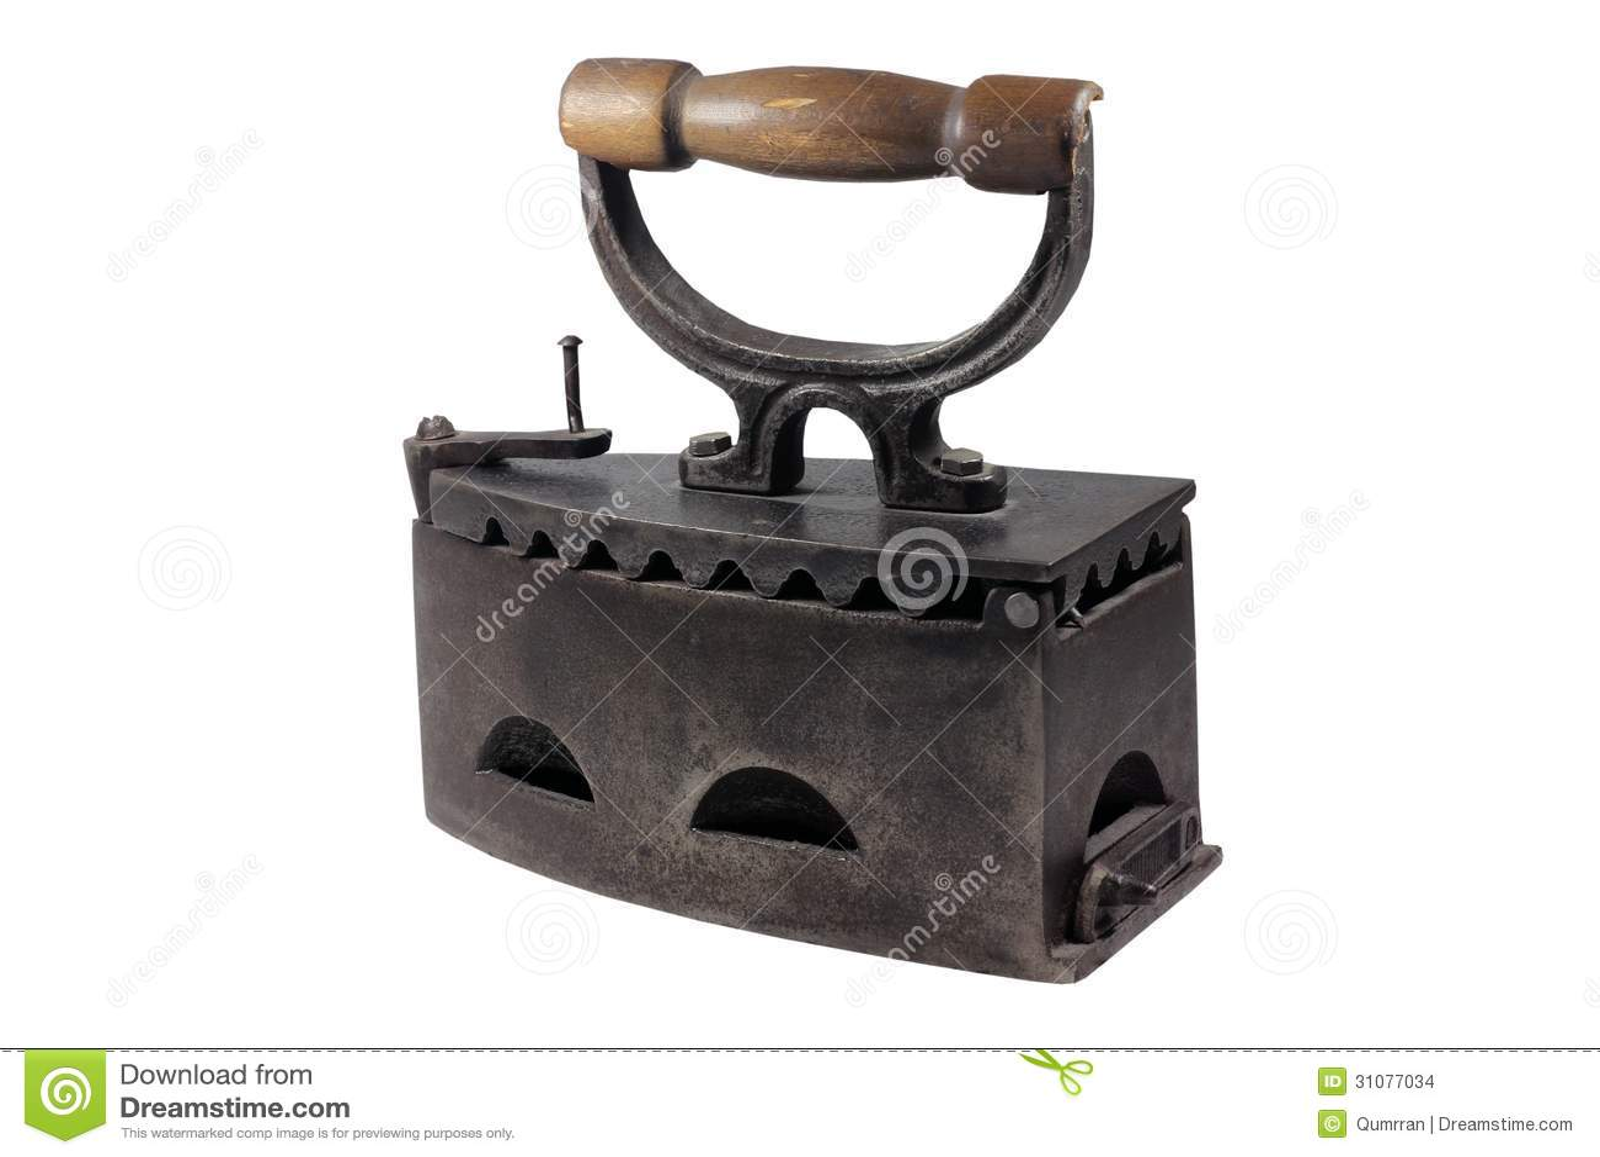 vintage iron stock images image 31077034. Black Bedroom Furniture Sets. Home Design Ideas